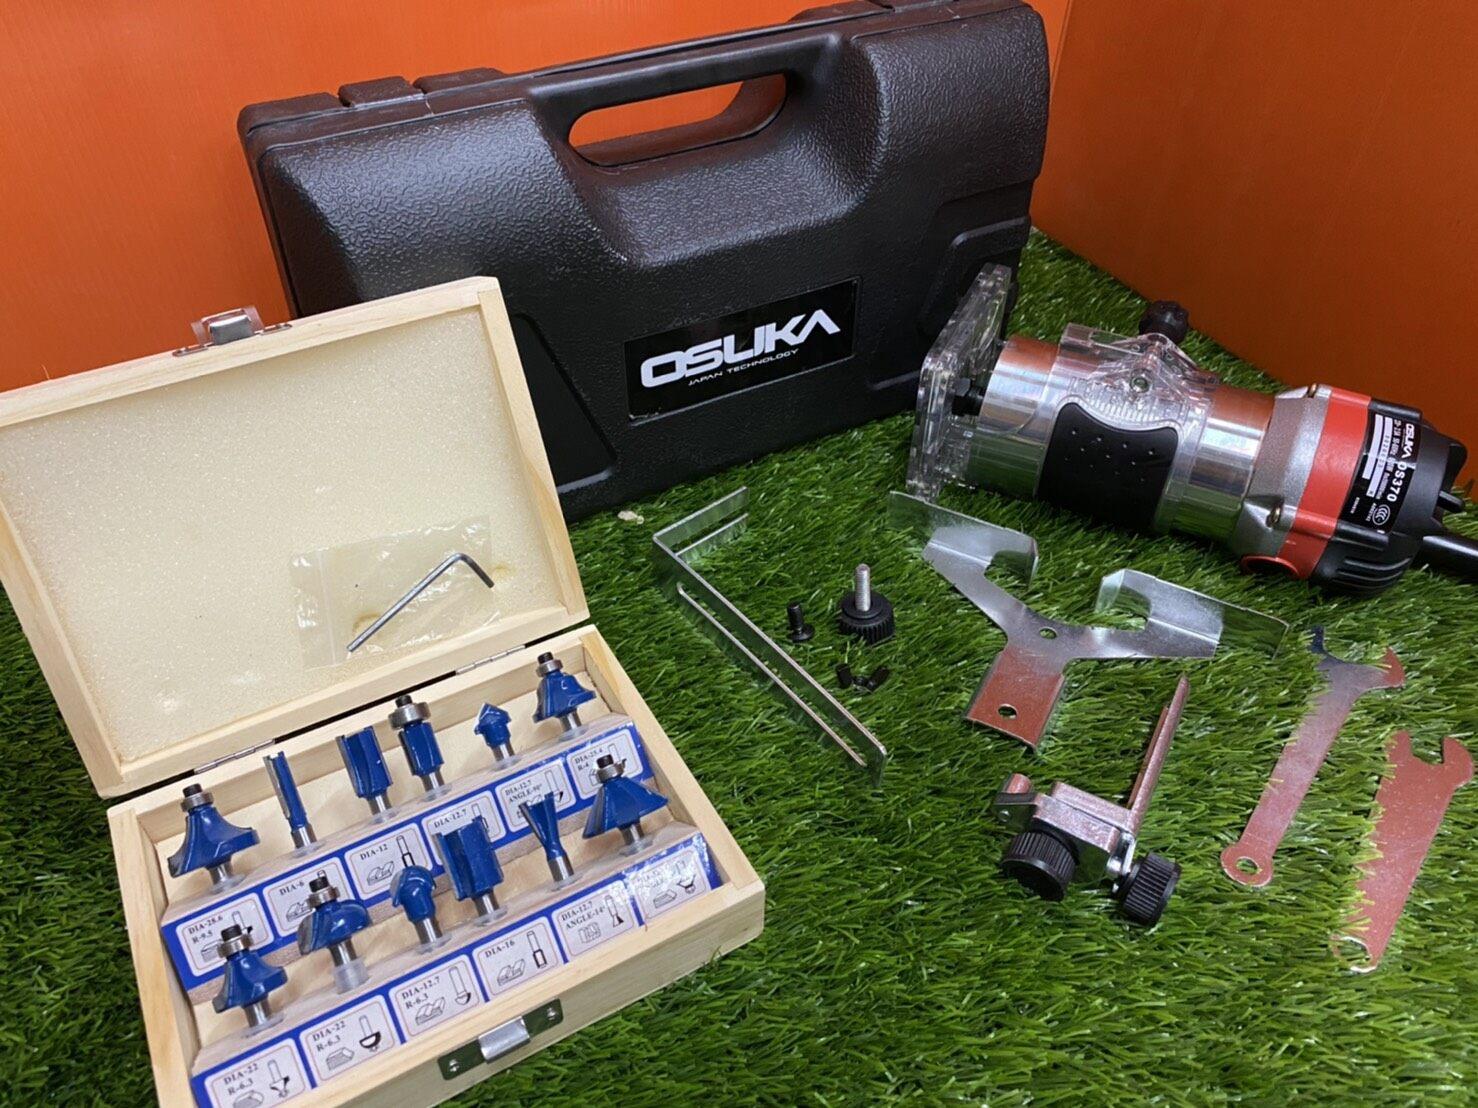 OSUKAเครื่องเซาะร่อง เร้าเตอร์/ทริมเมอร์ 1/4 530 วัตต์ รุ่น OSUKA MT370 พร้อมดอกทริมเมอร์ ขนาด 1/4 12 ตัว